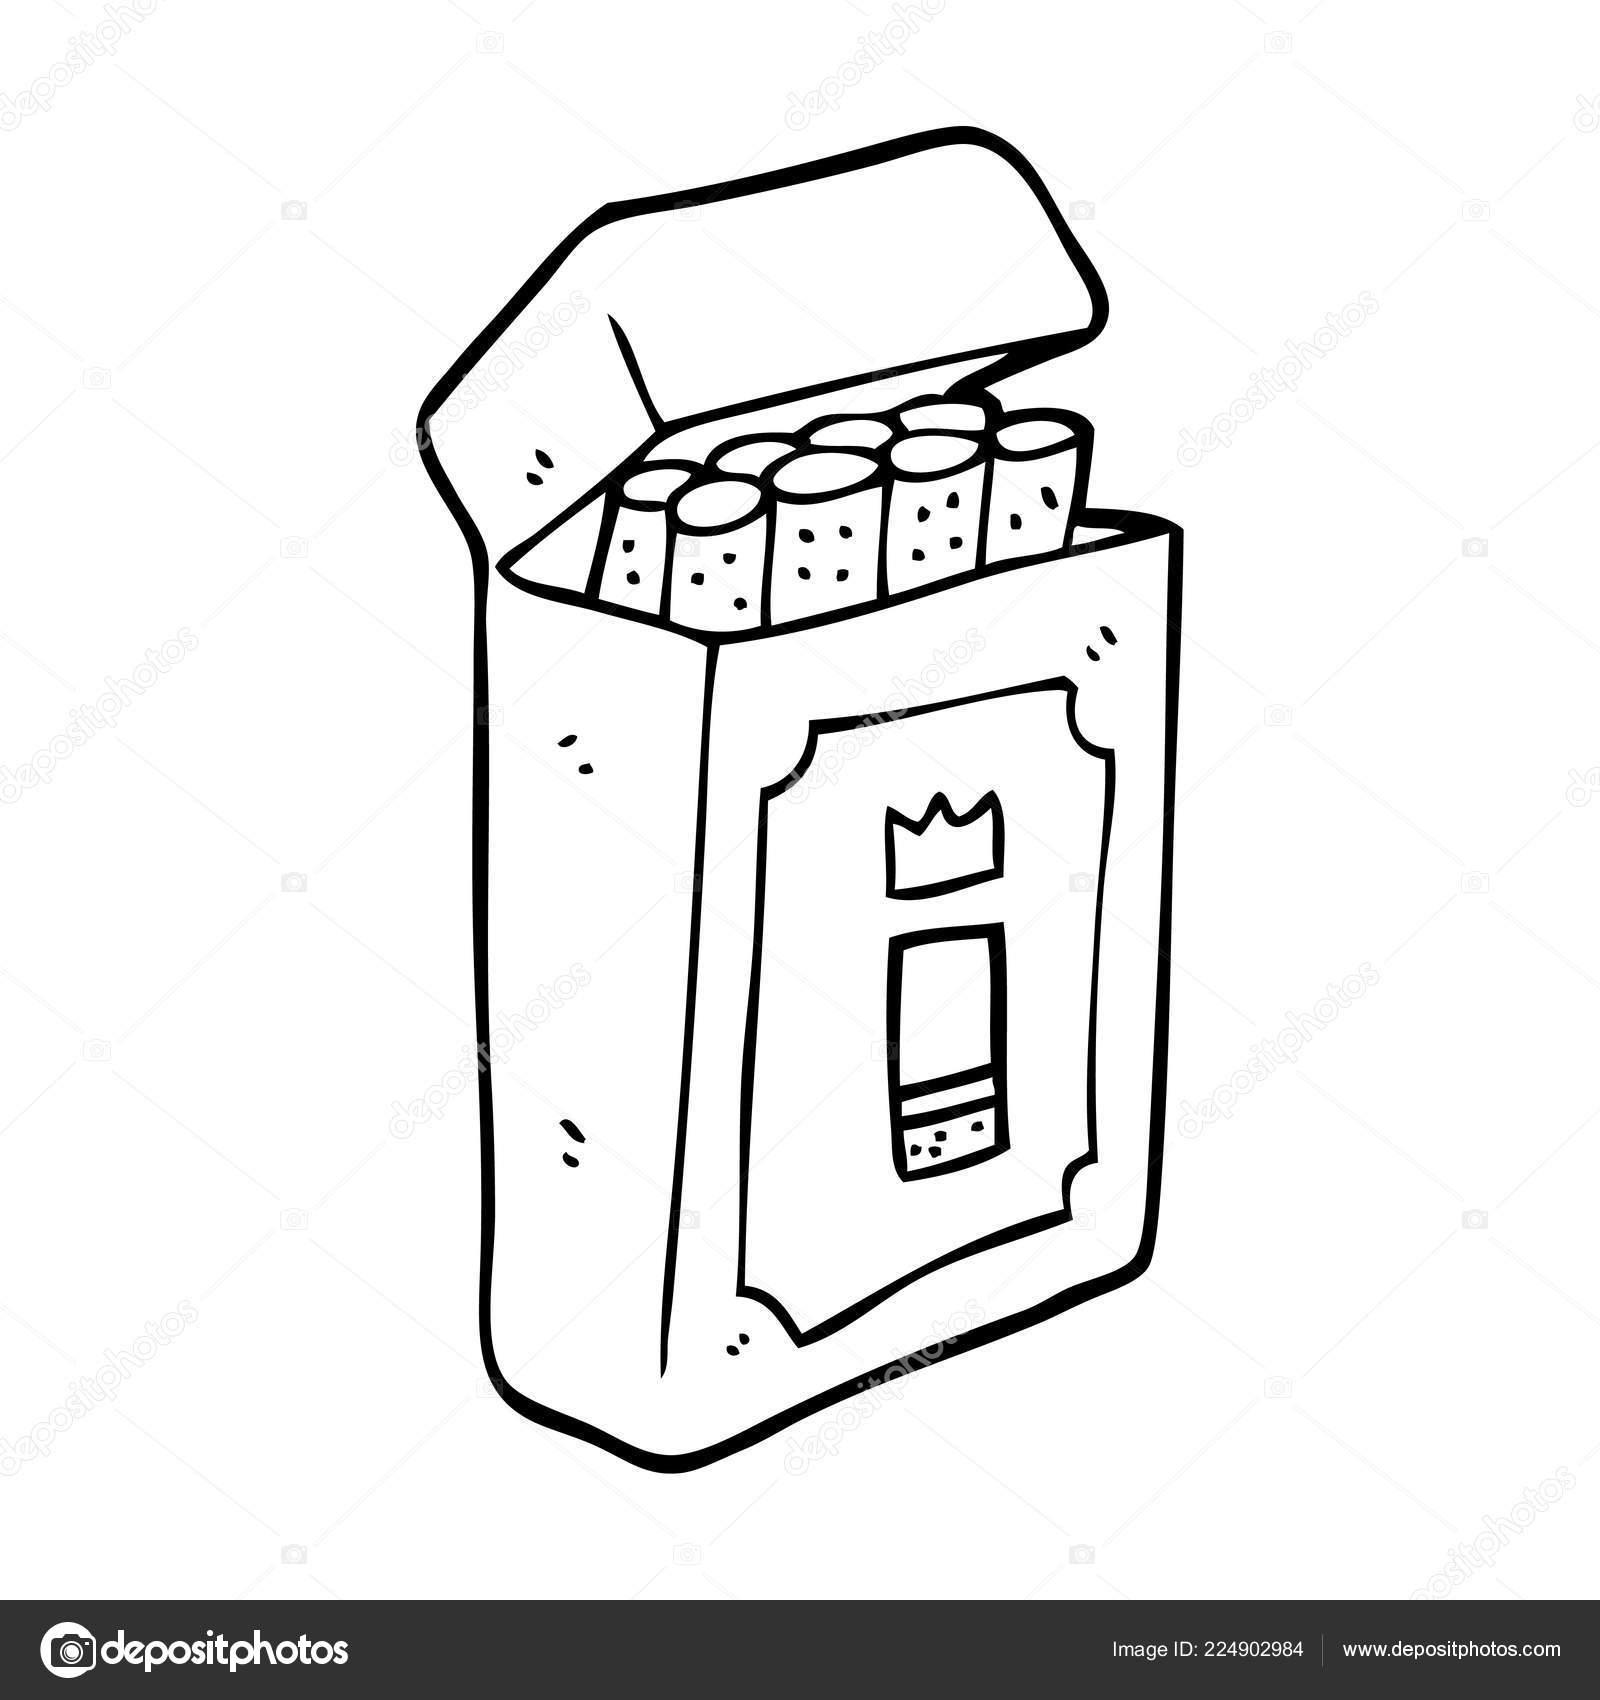 Pack Cartoon Disegno Tratteggio Delle Sigarette Vettoriali Stock